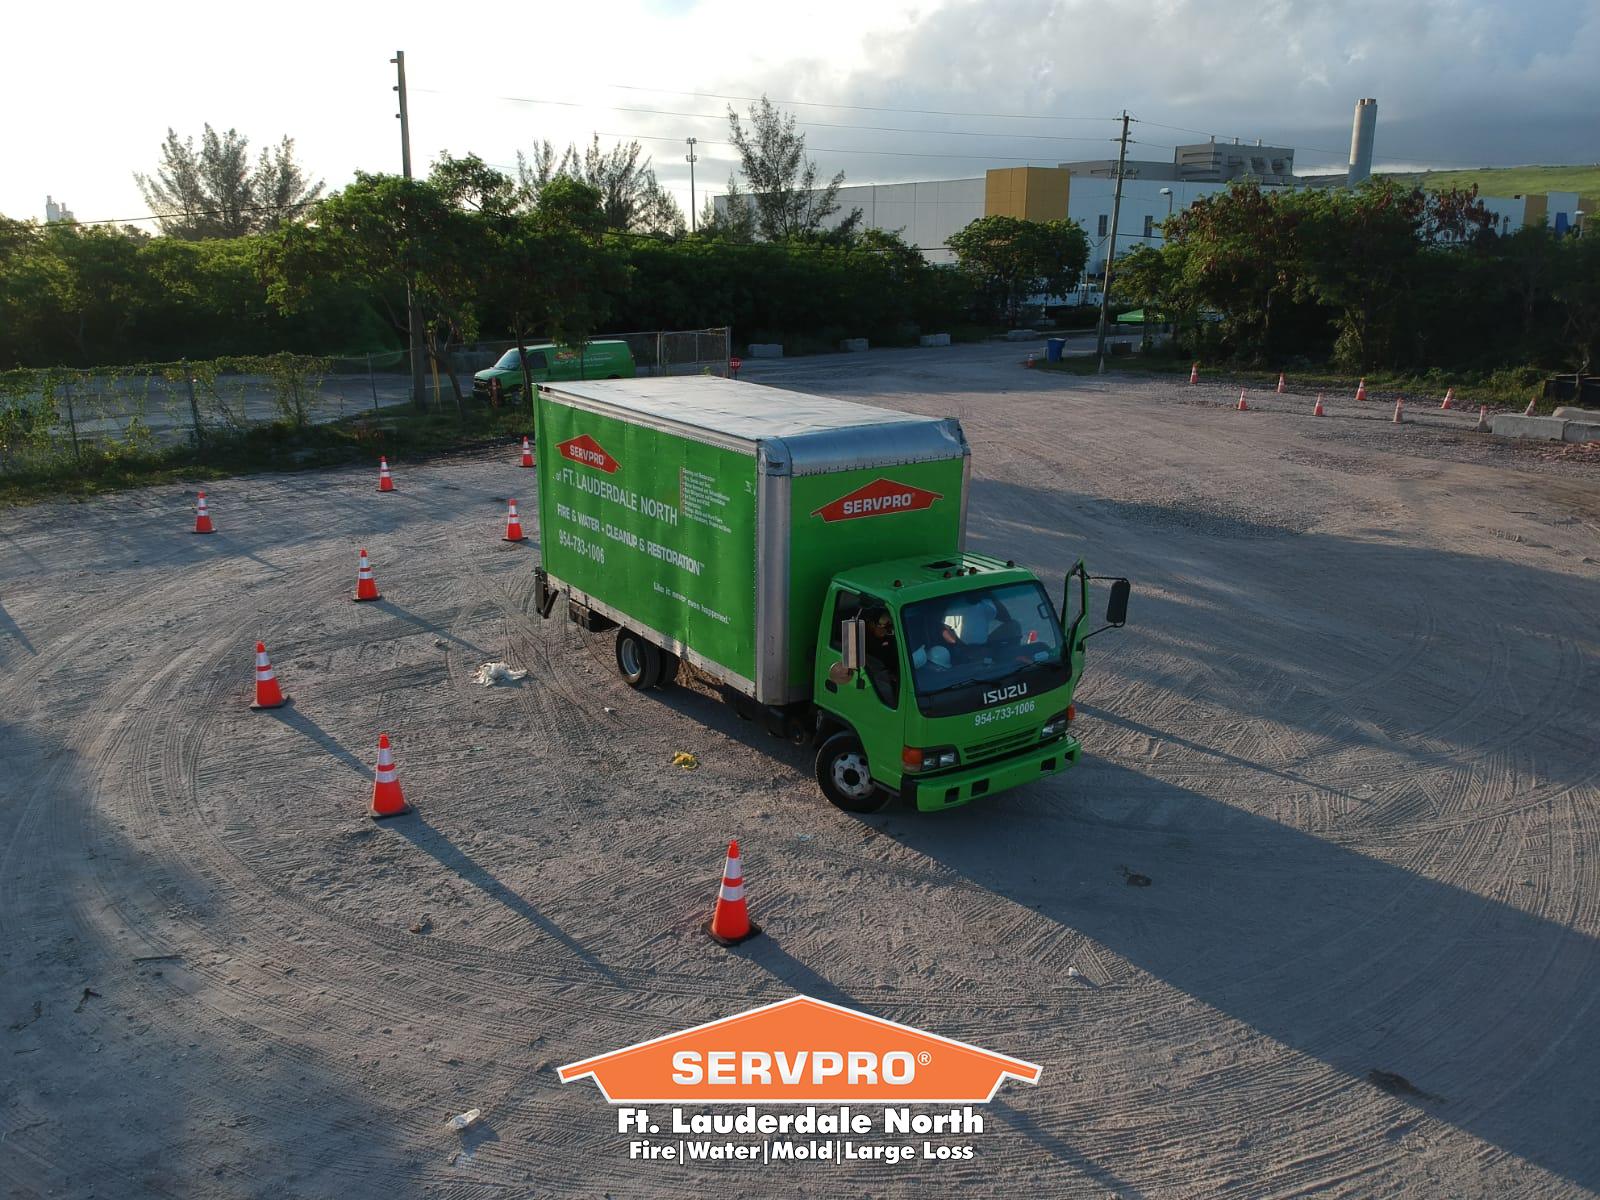 SERVPRO Fort Lauderdale North image 8